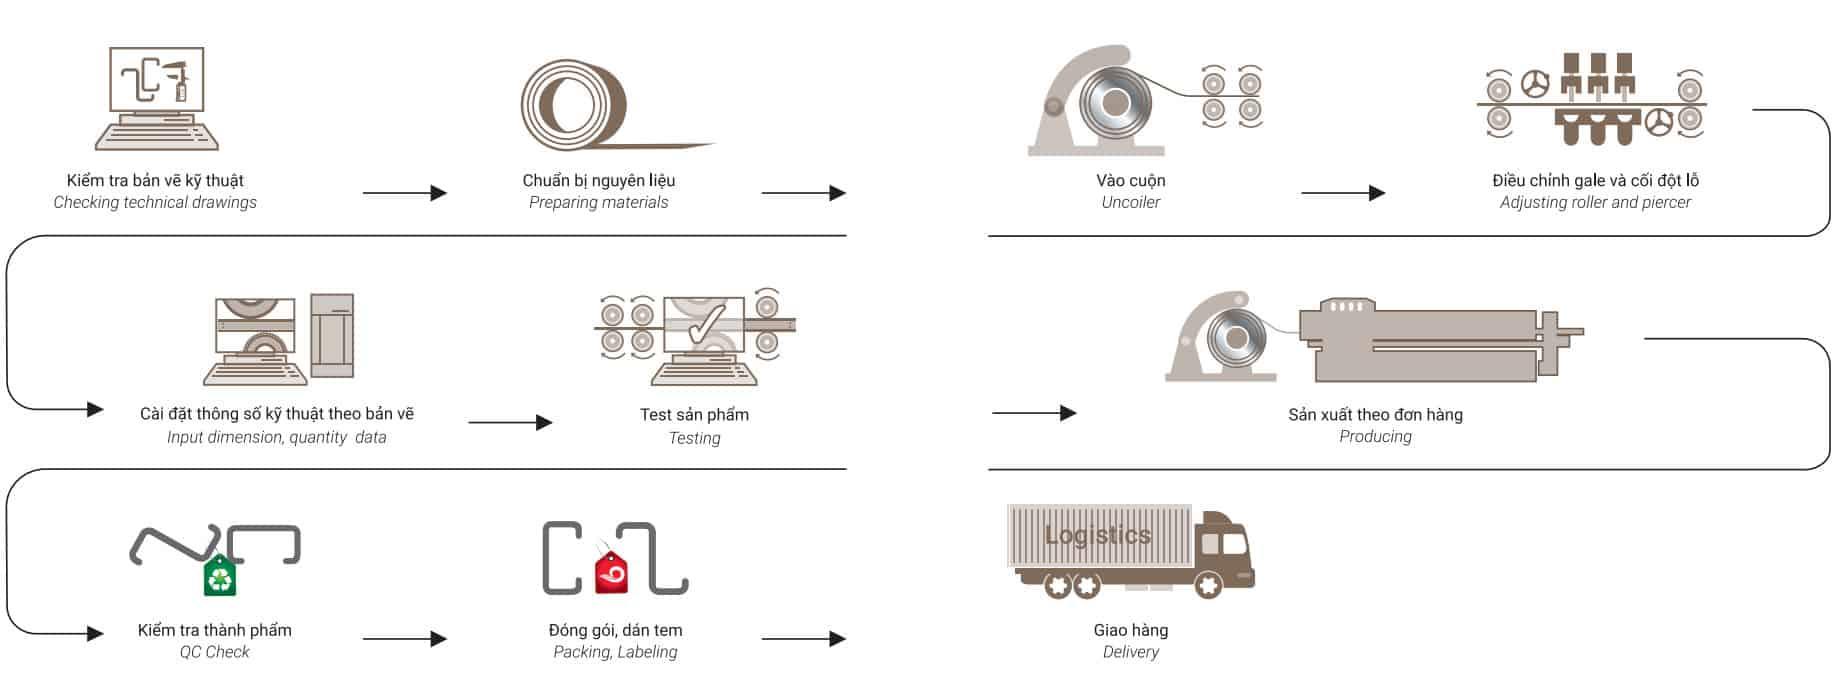 10 bước trong quy trình sản xuất xà gồ thép đen